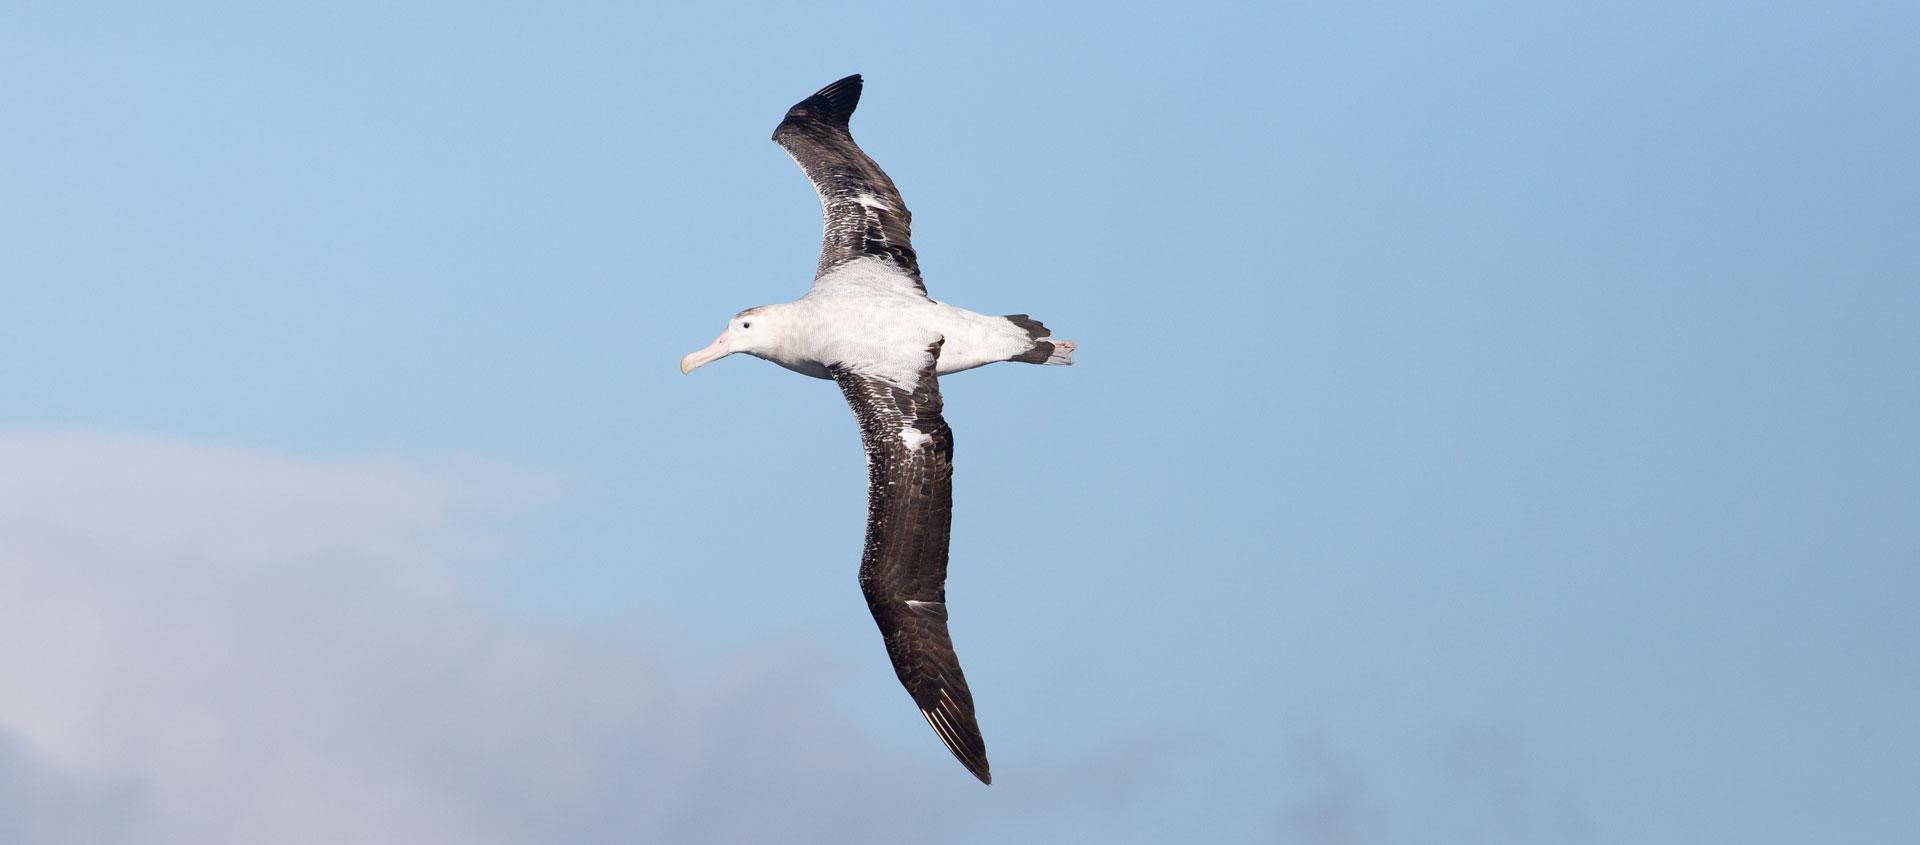 Antarctica Deep South image of Wandering Albatross